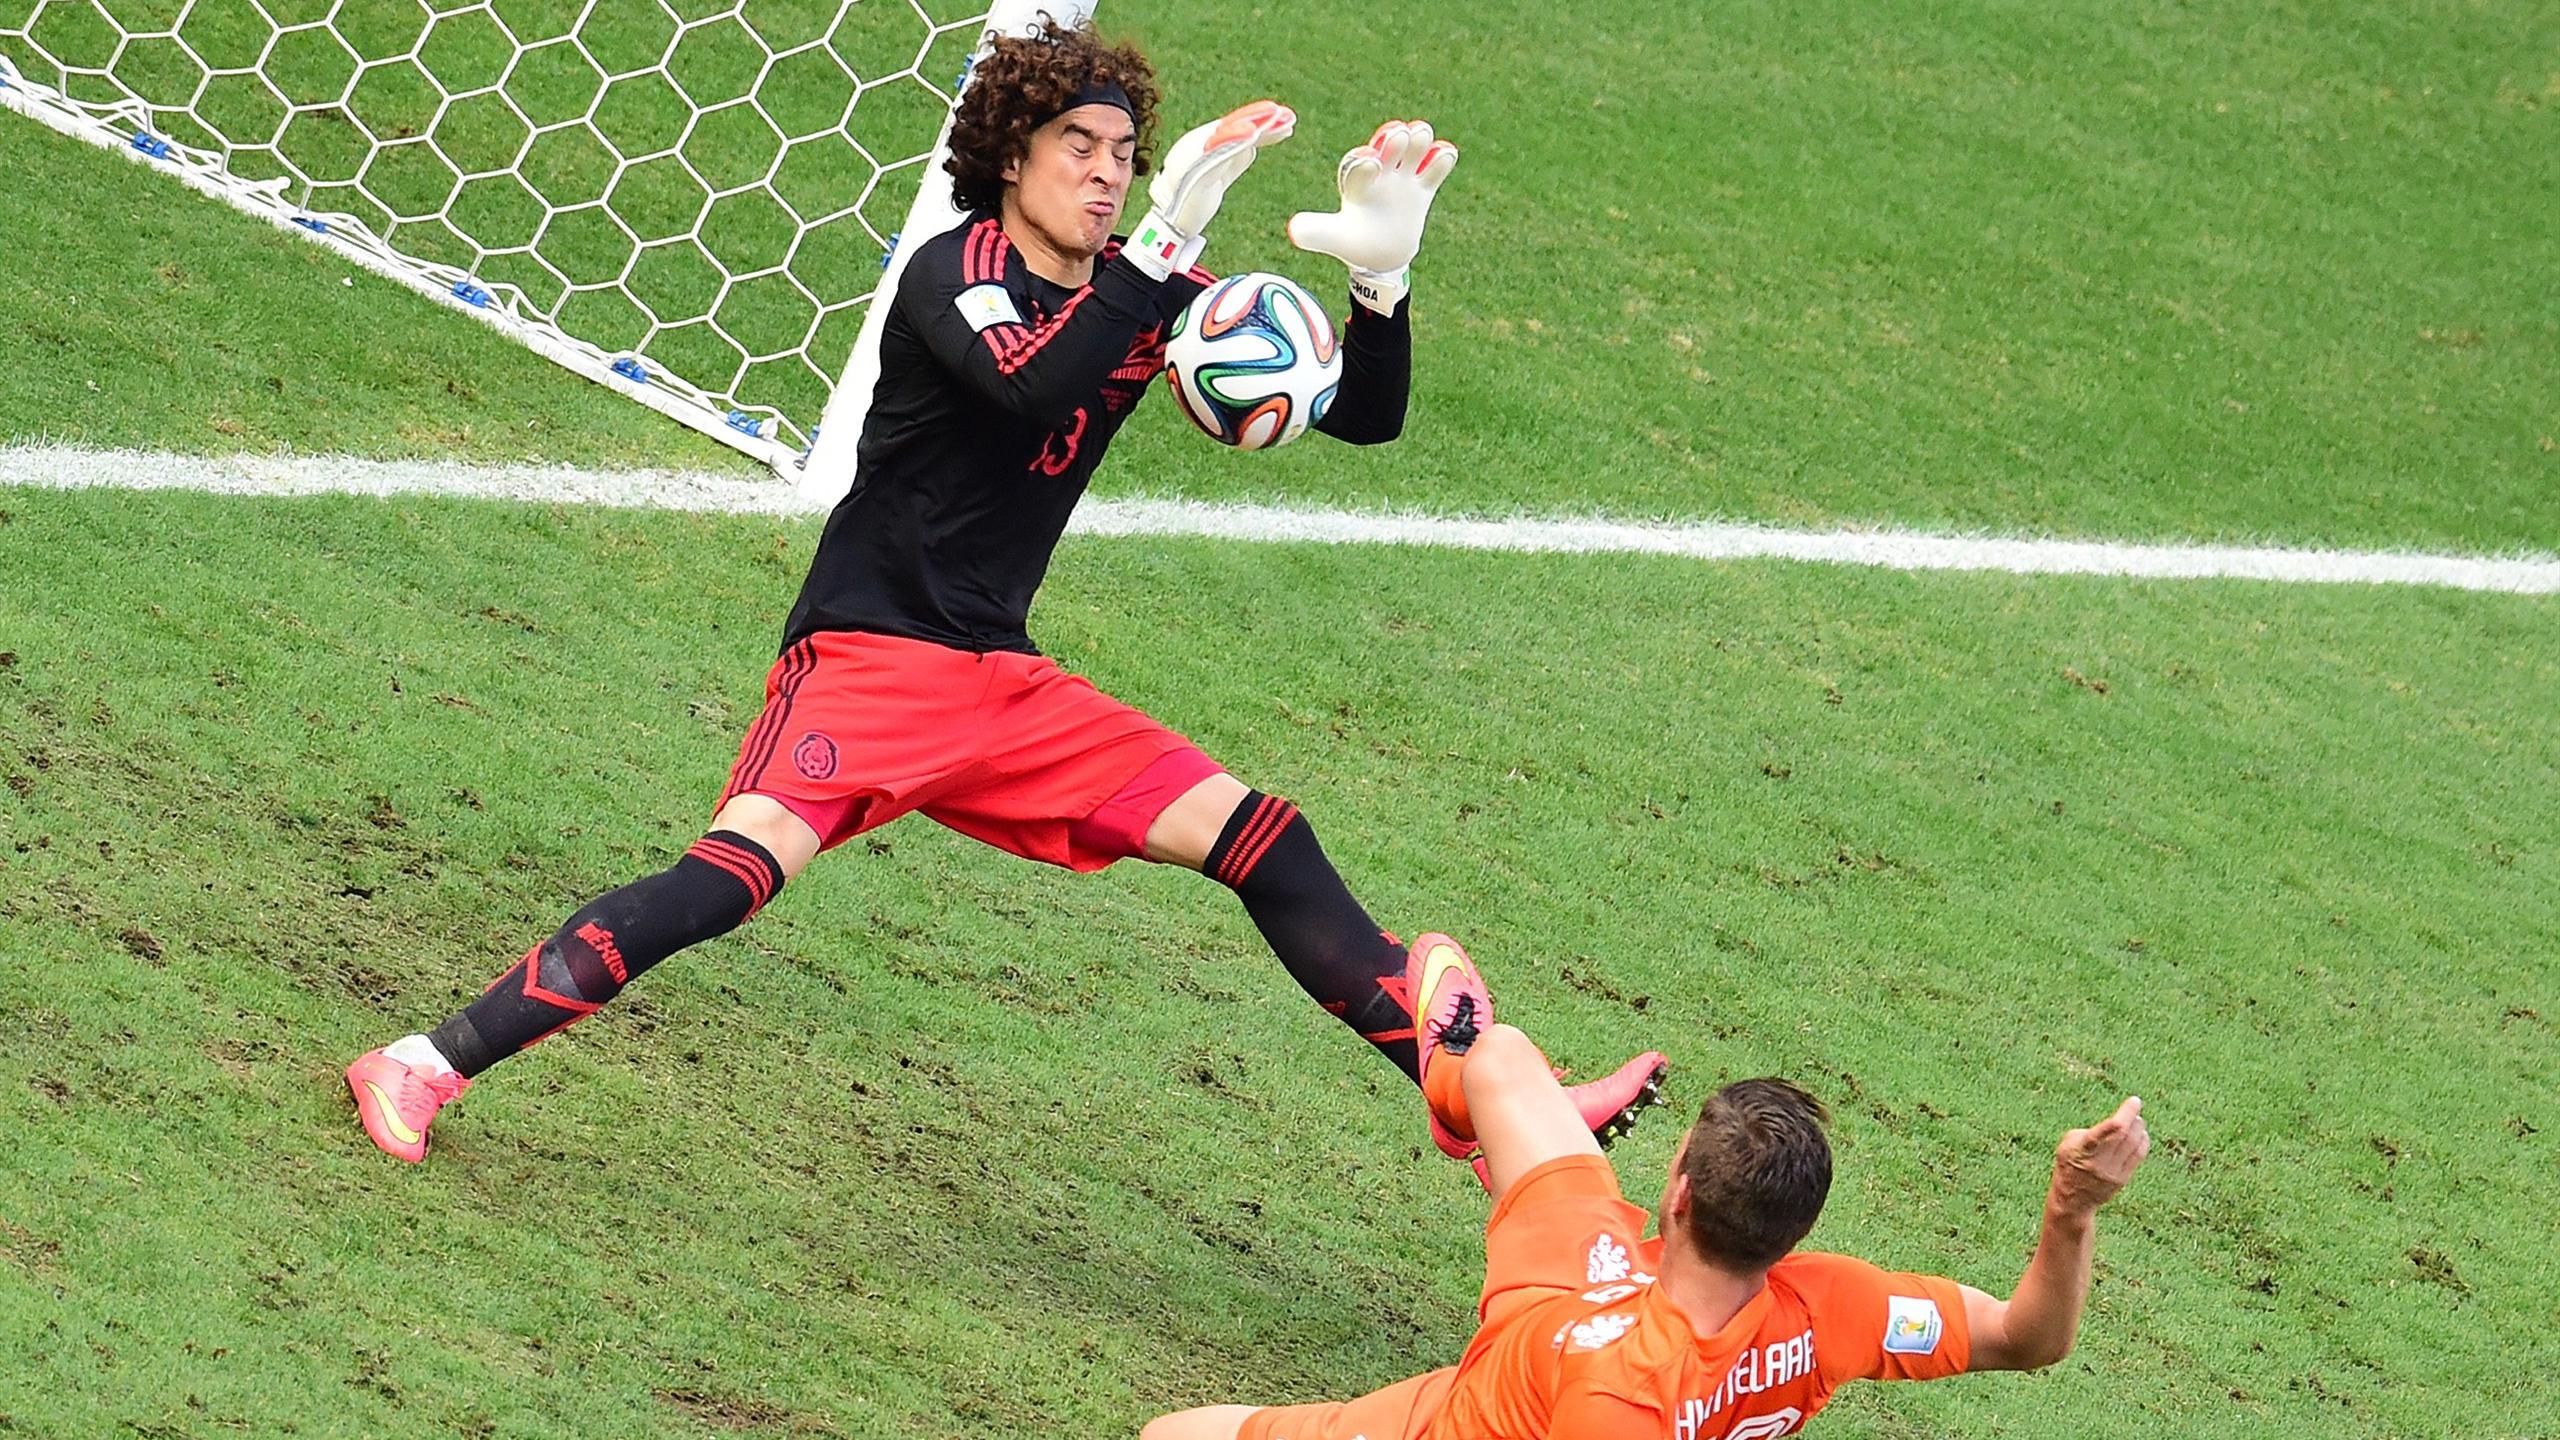 Et le meilleur gardien de la coupe du monde est eurosport - Les meilleurs buteurs de la coupe du monde ...